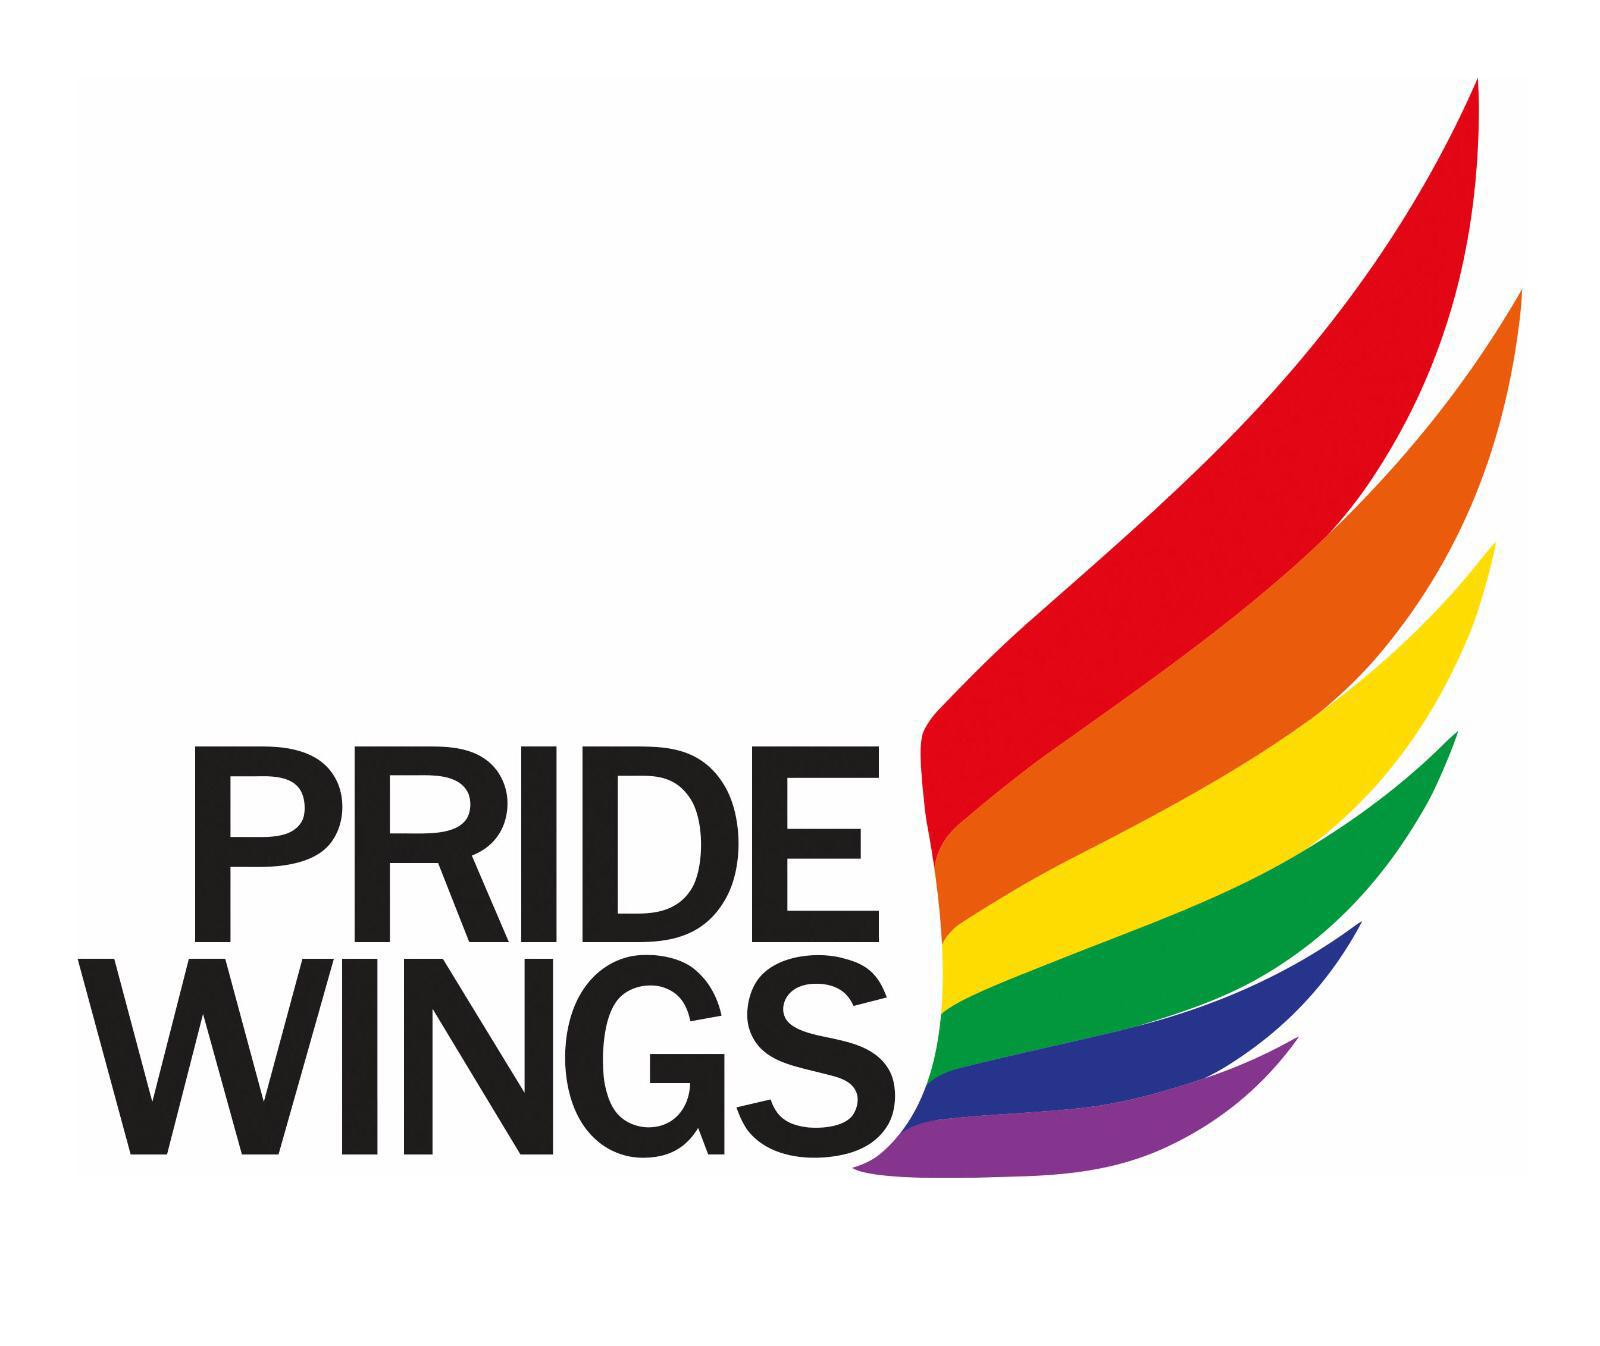 PrideWings